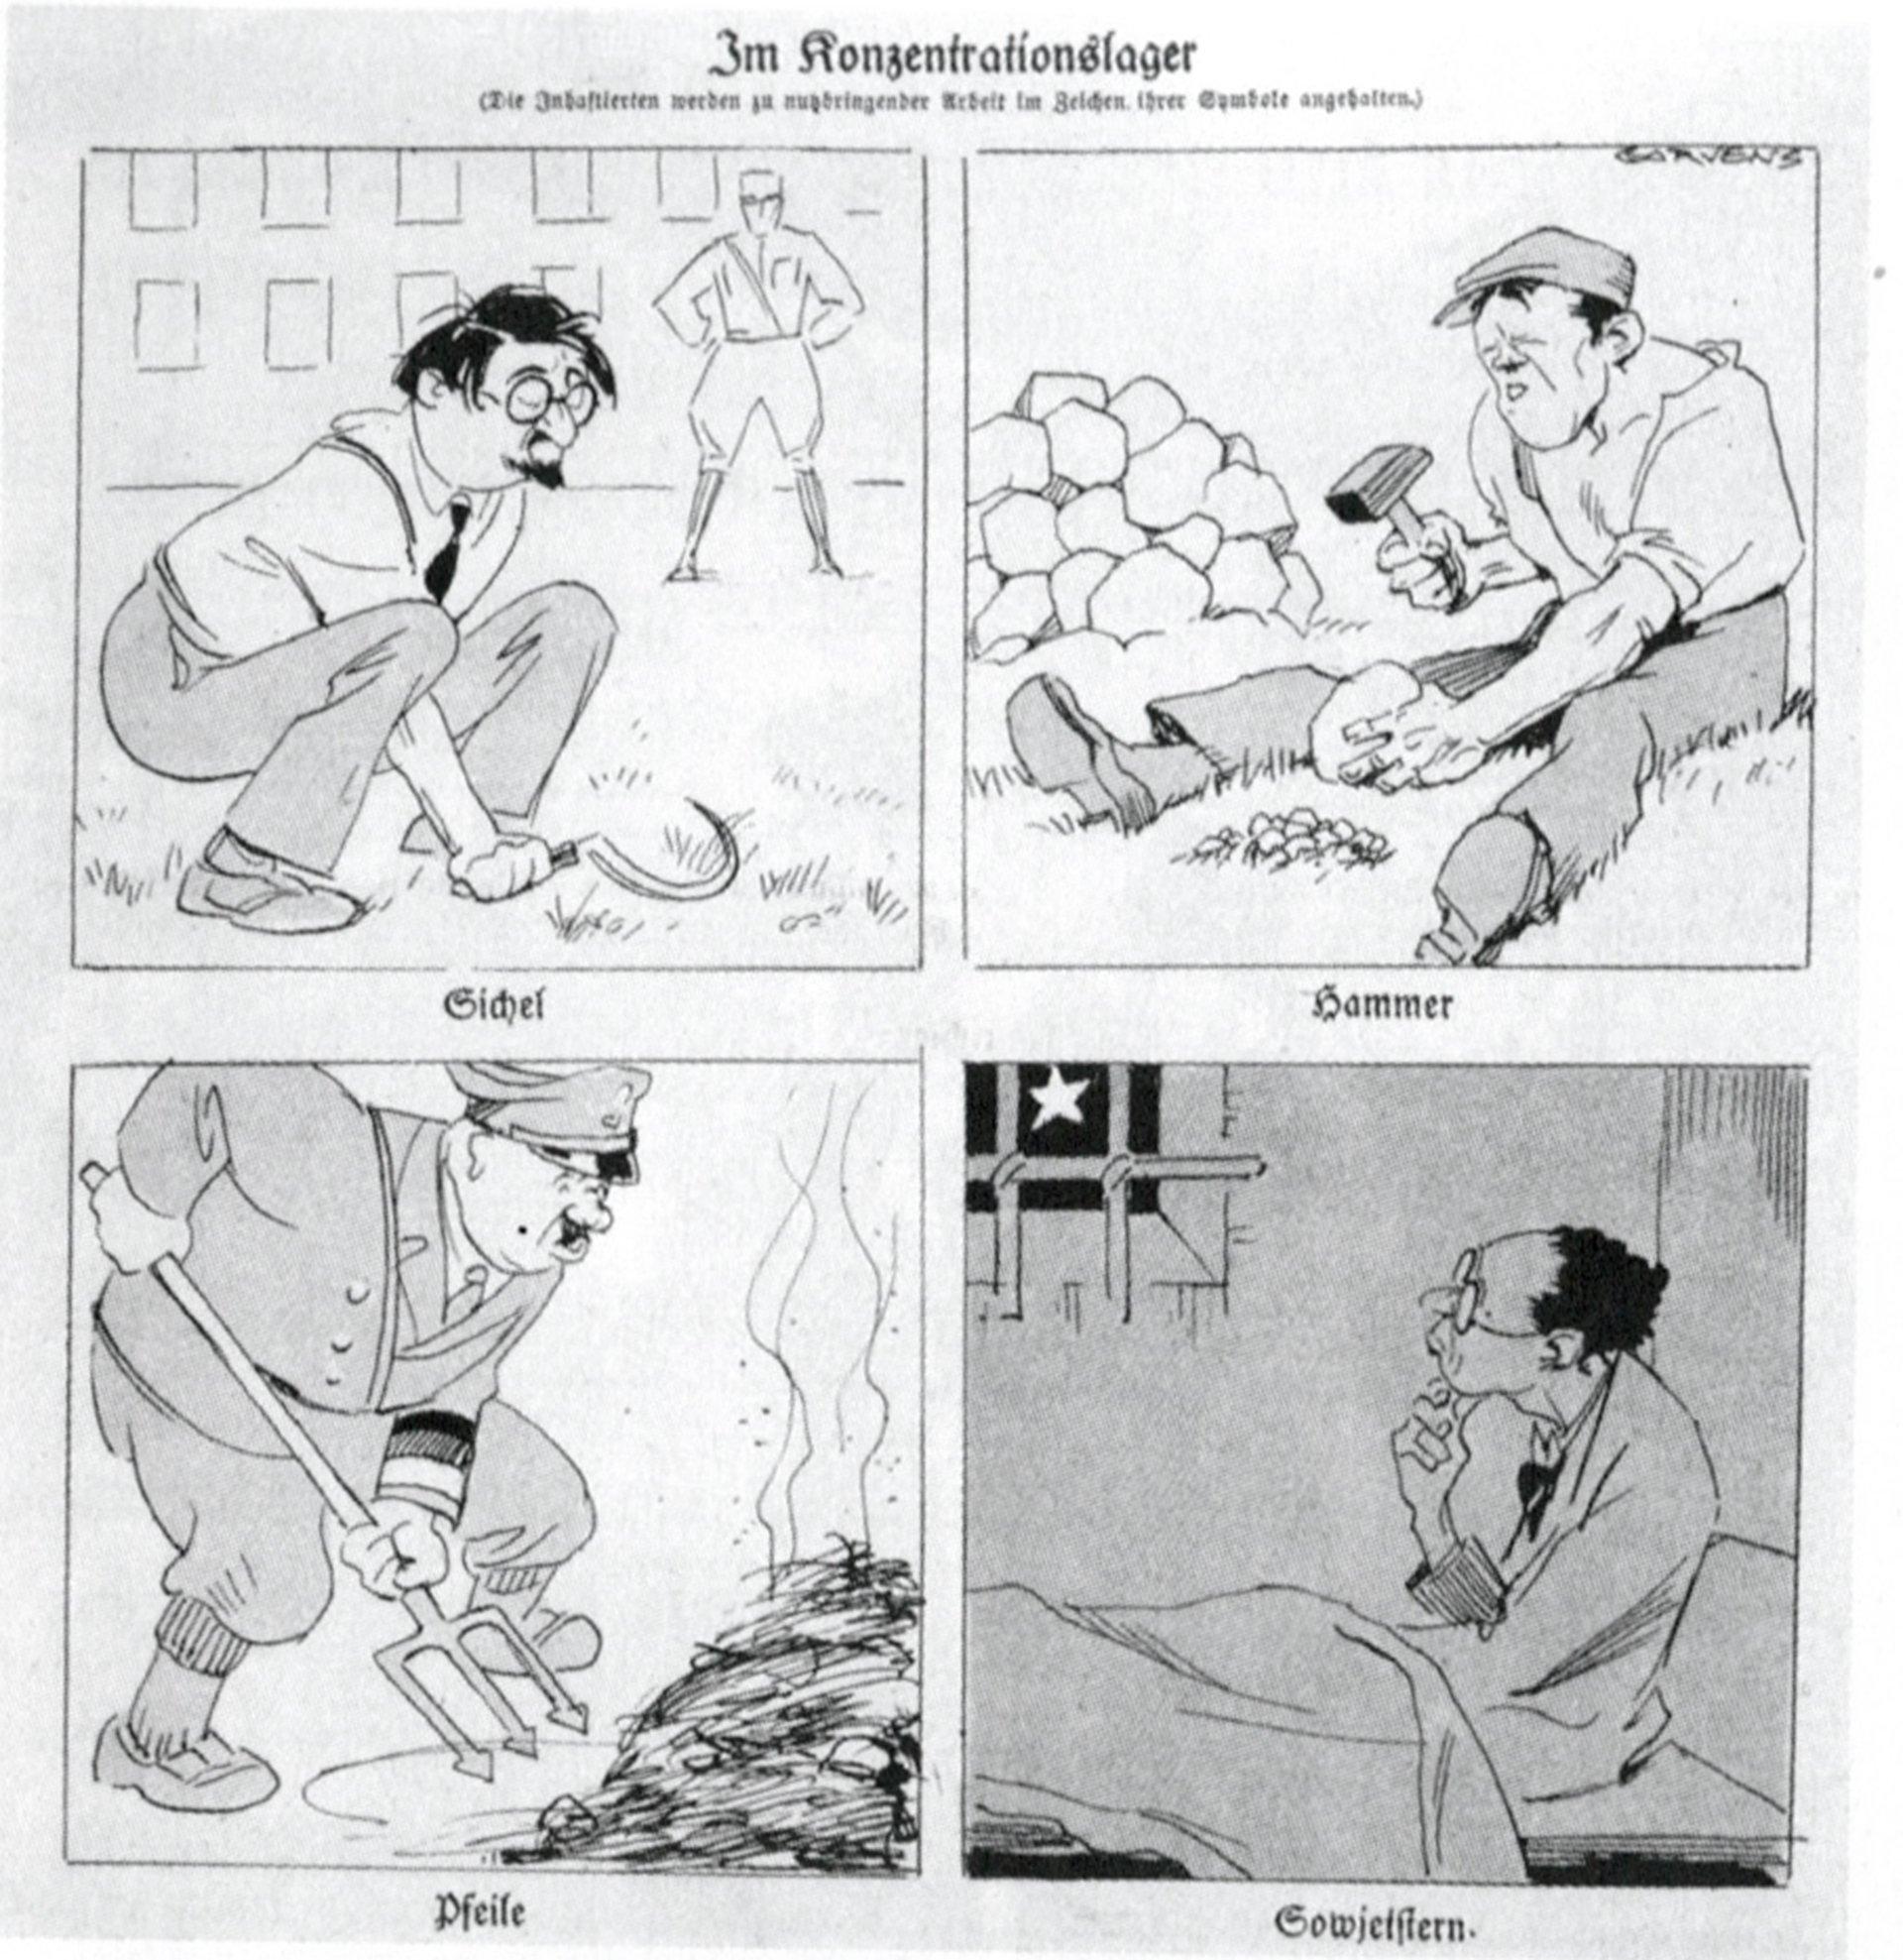 Caricatura sobre los campos de concentración publicada el 30 de abril de 1933 en una revista satírica alemana.